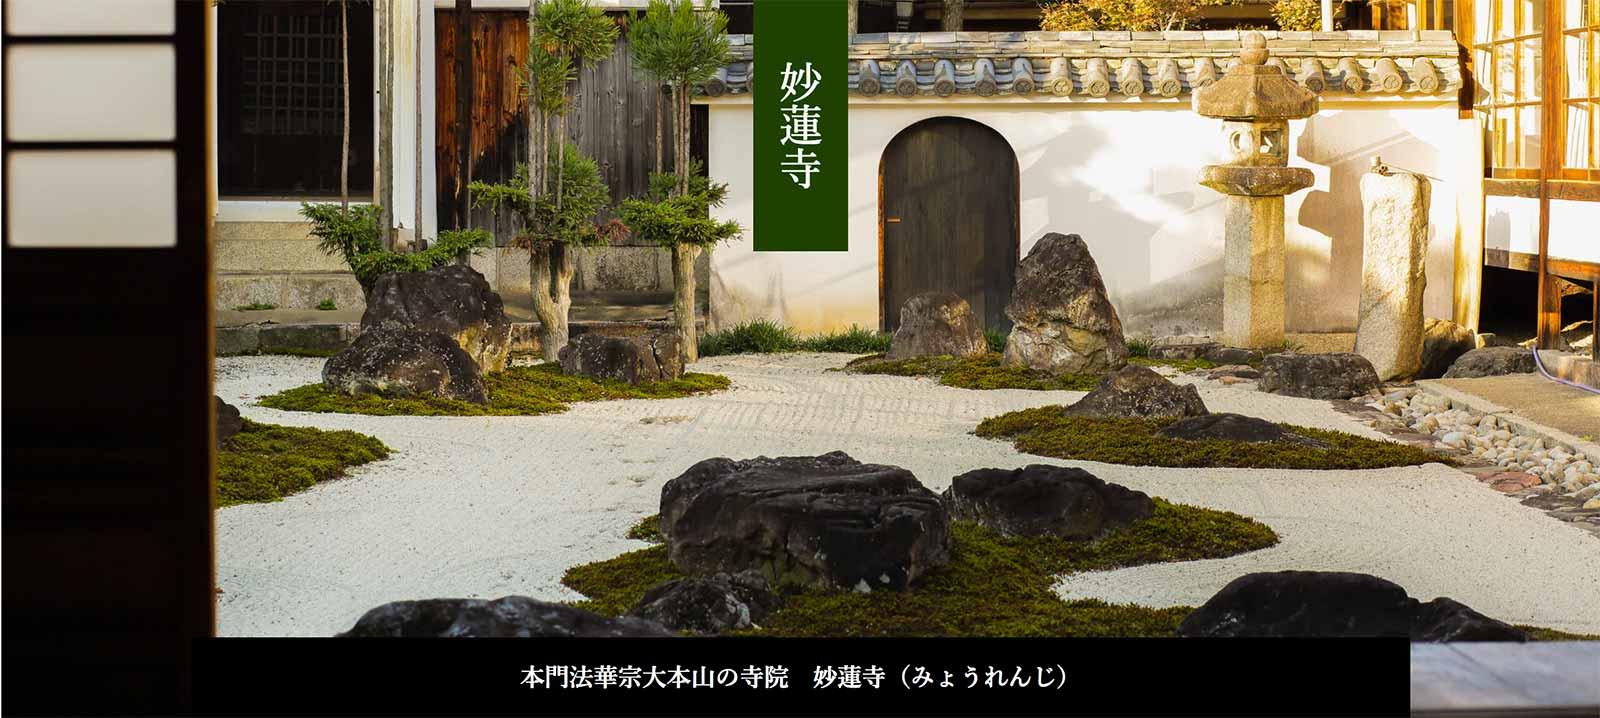 京都で前撮りフォトウェディング 撮影場所の詳細 妙蓮寺